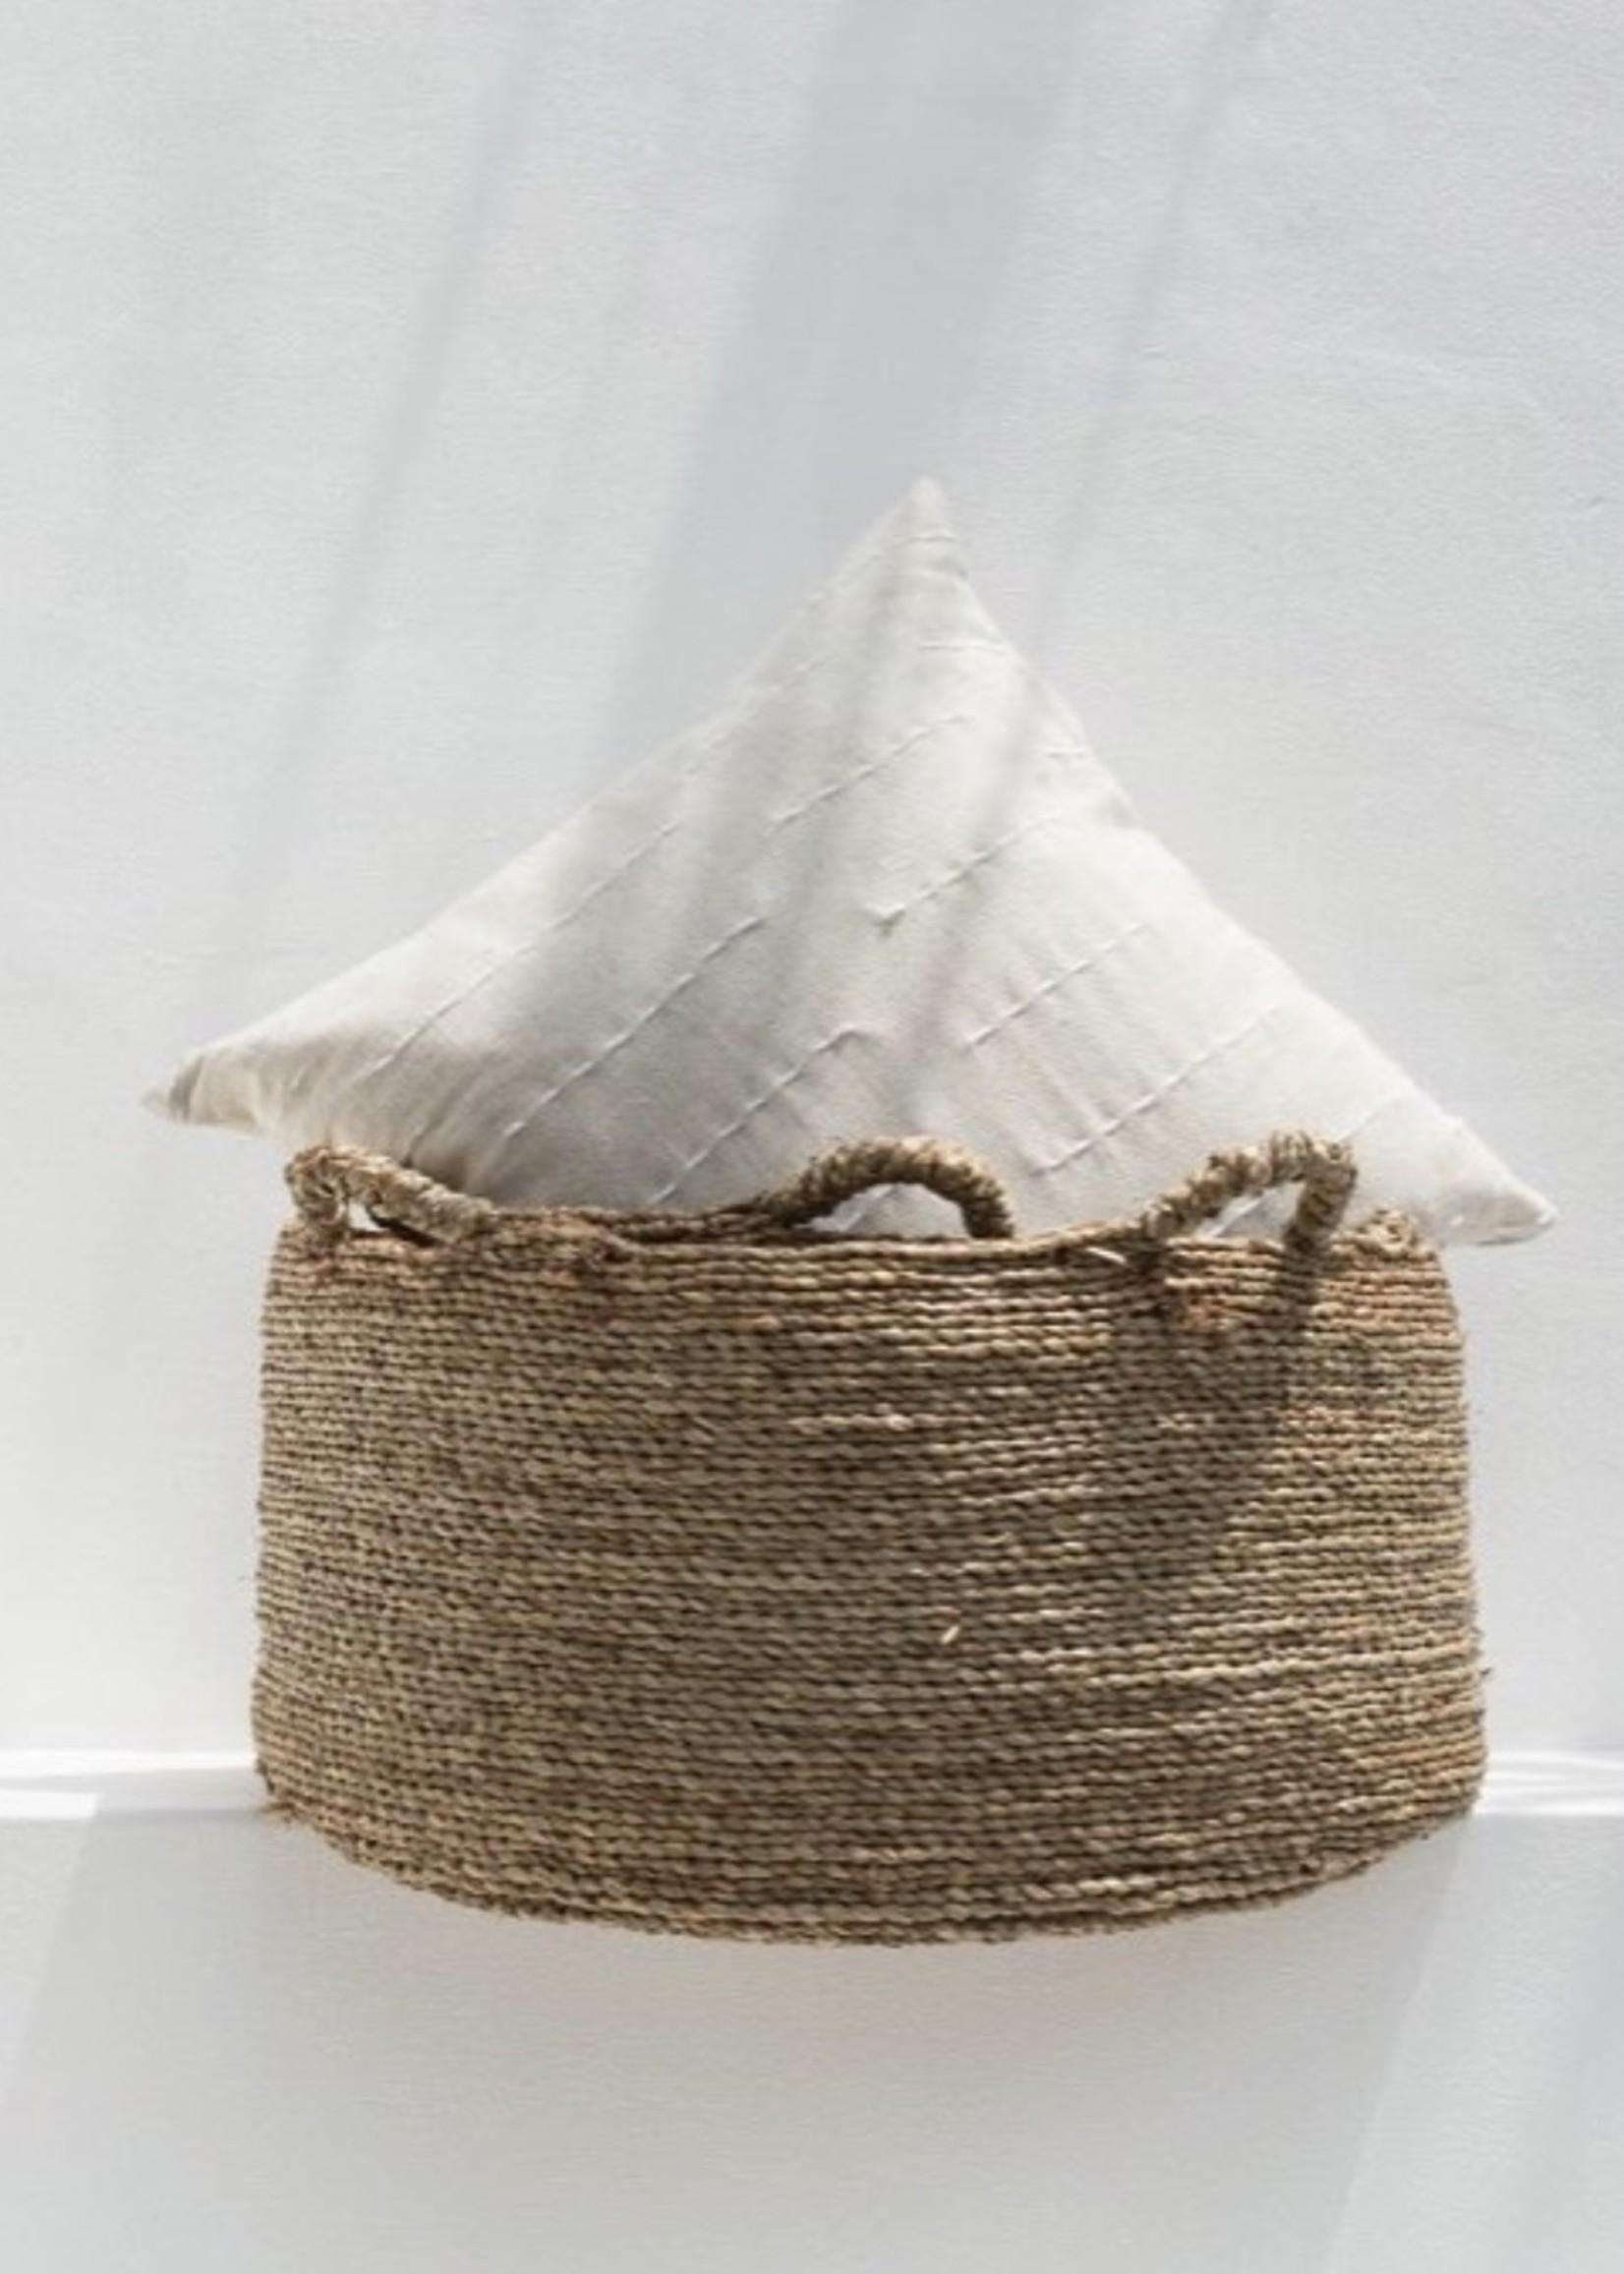 Les Quatre Mains Baskets - Natural - L